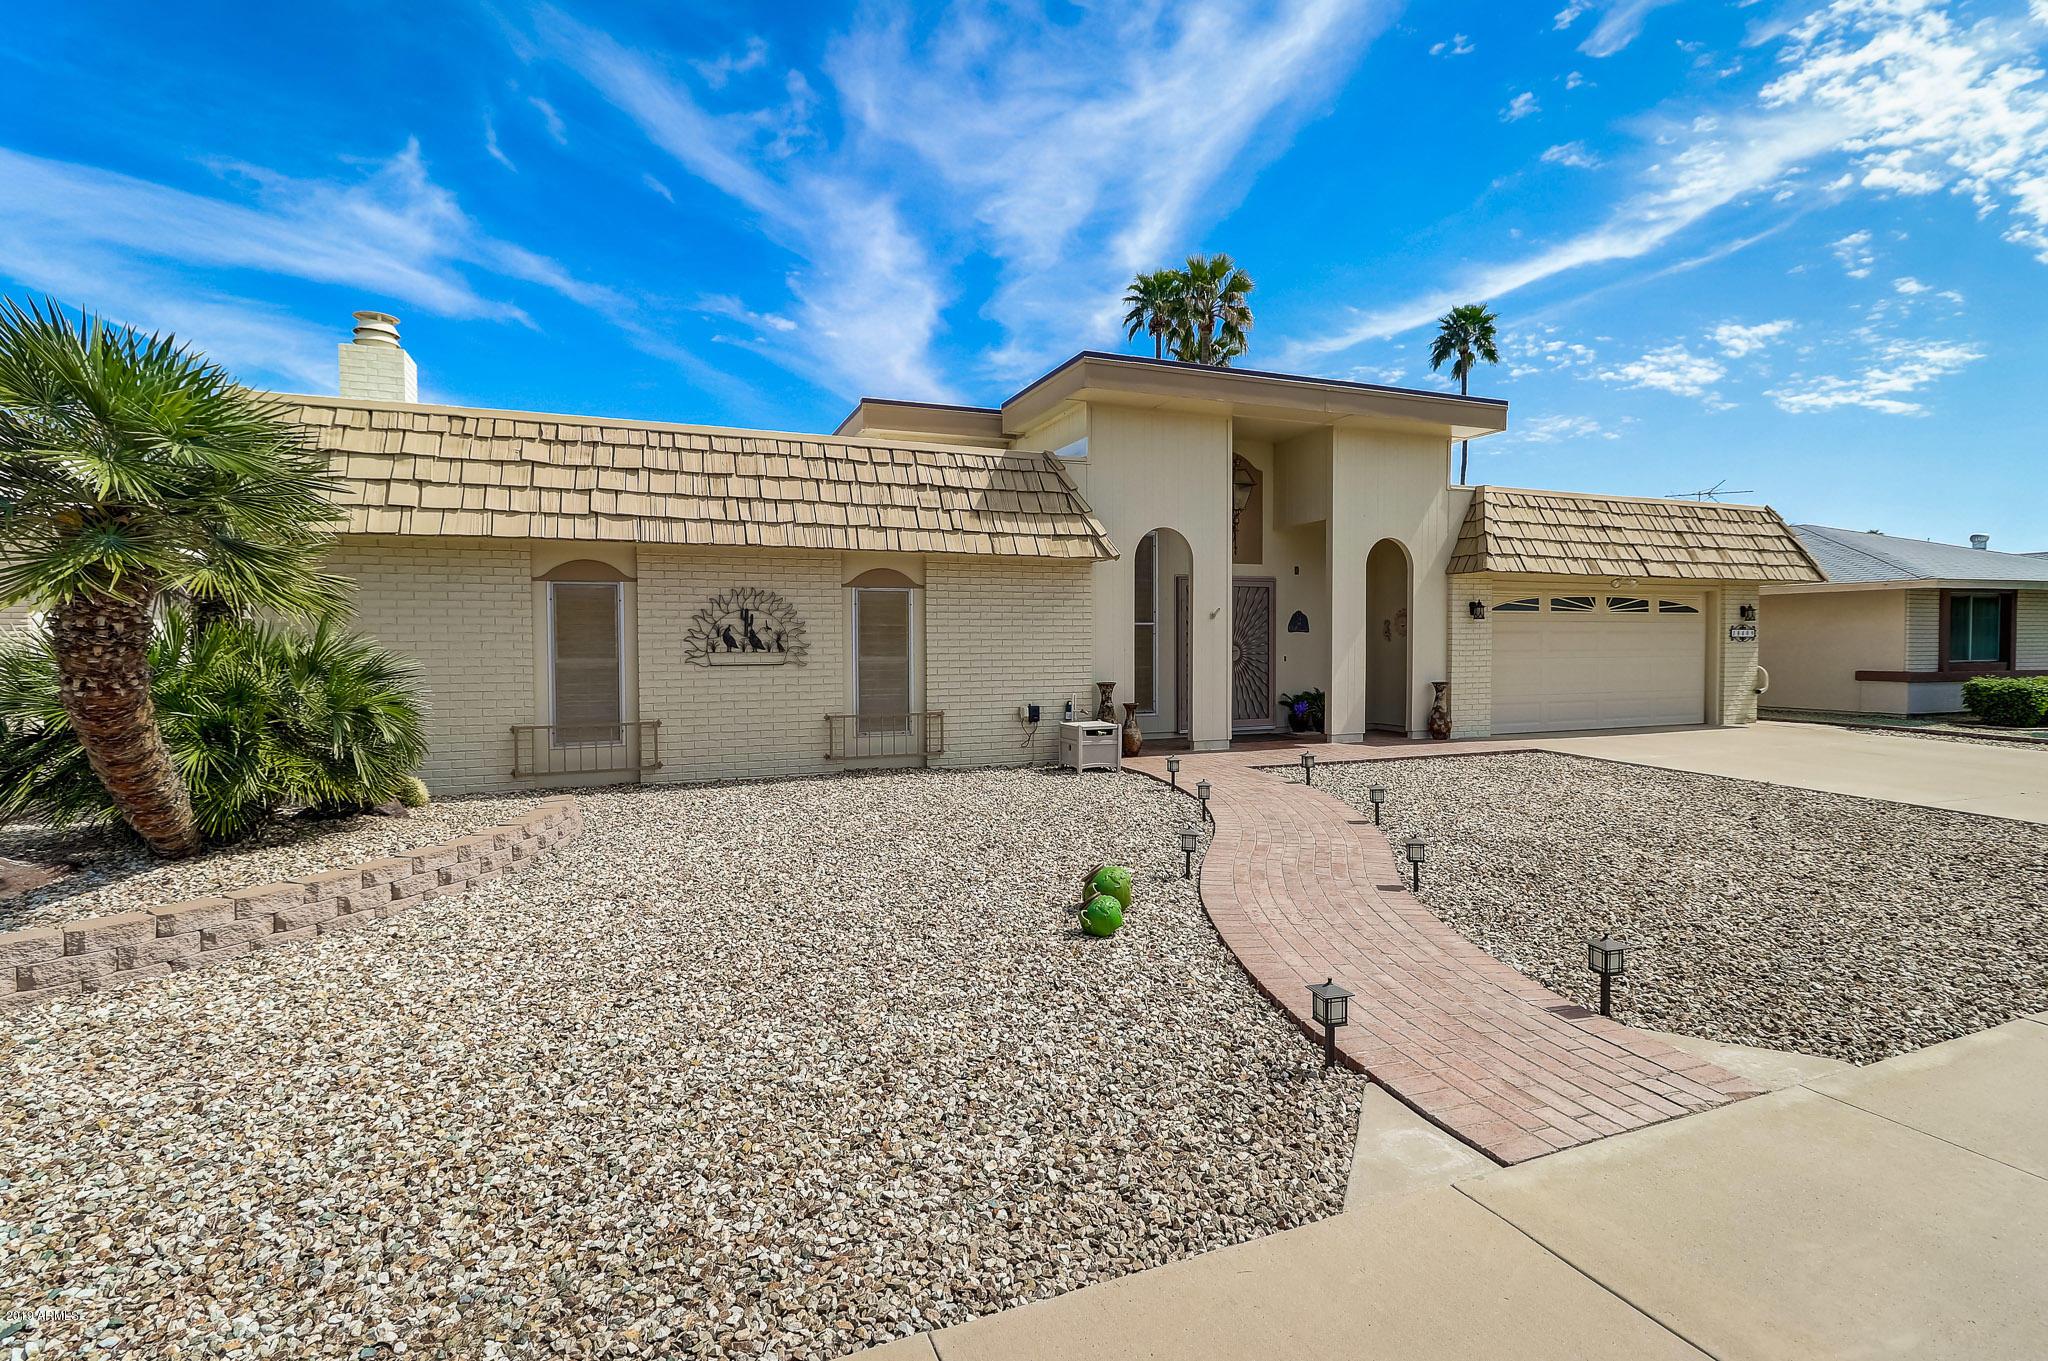 MLS 5899002 18409 N WELK Drive, Sun City, AZ 85373 Sun City AZ Community Pool